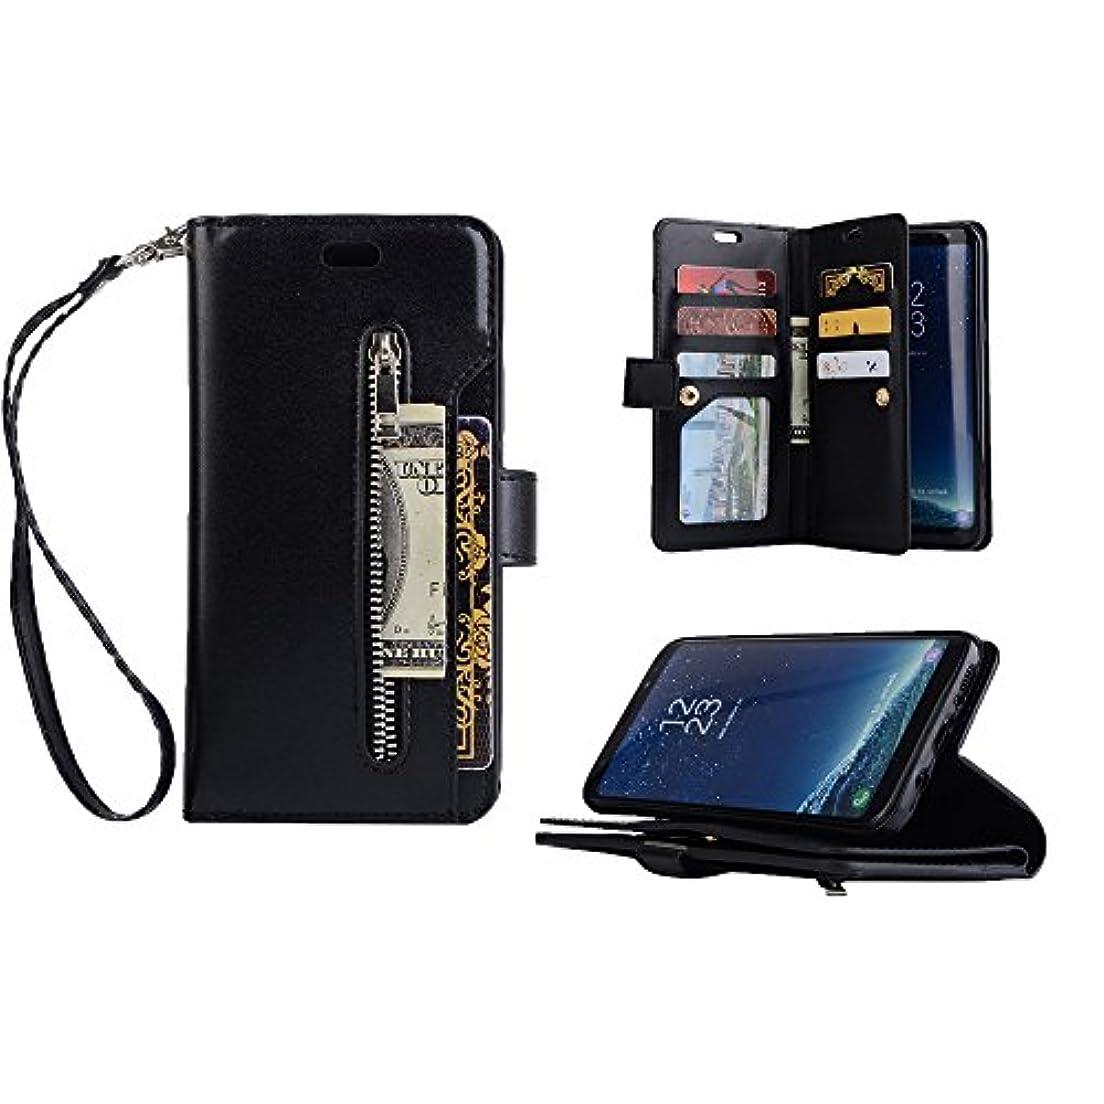 確かな閉じ込める飢えたGalaxy S8 Plus おしゃれカバー PUレザー カード収納 スタンド機能 ストラップ付き 手帳型ケース ギャラクシー S8 Plus対応 ブラックメンズ かっこいい ビジネス